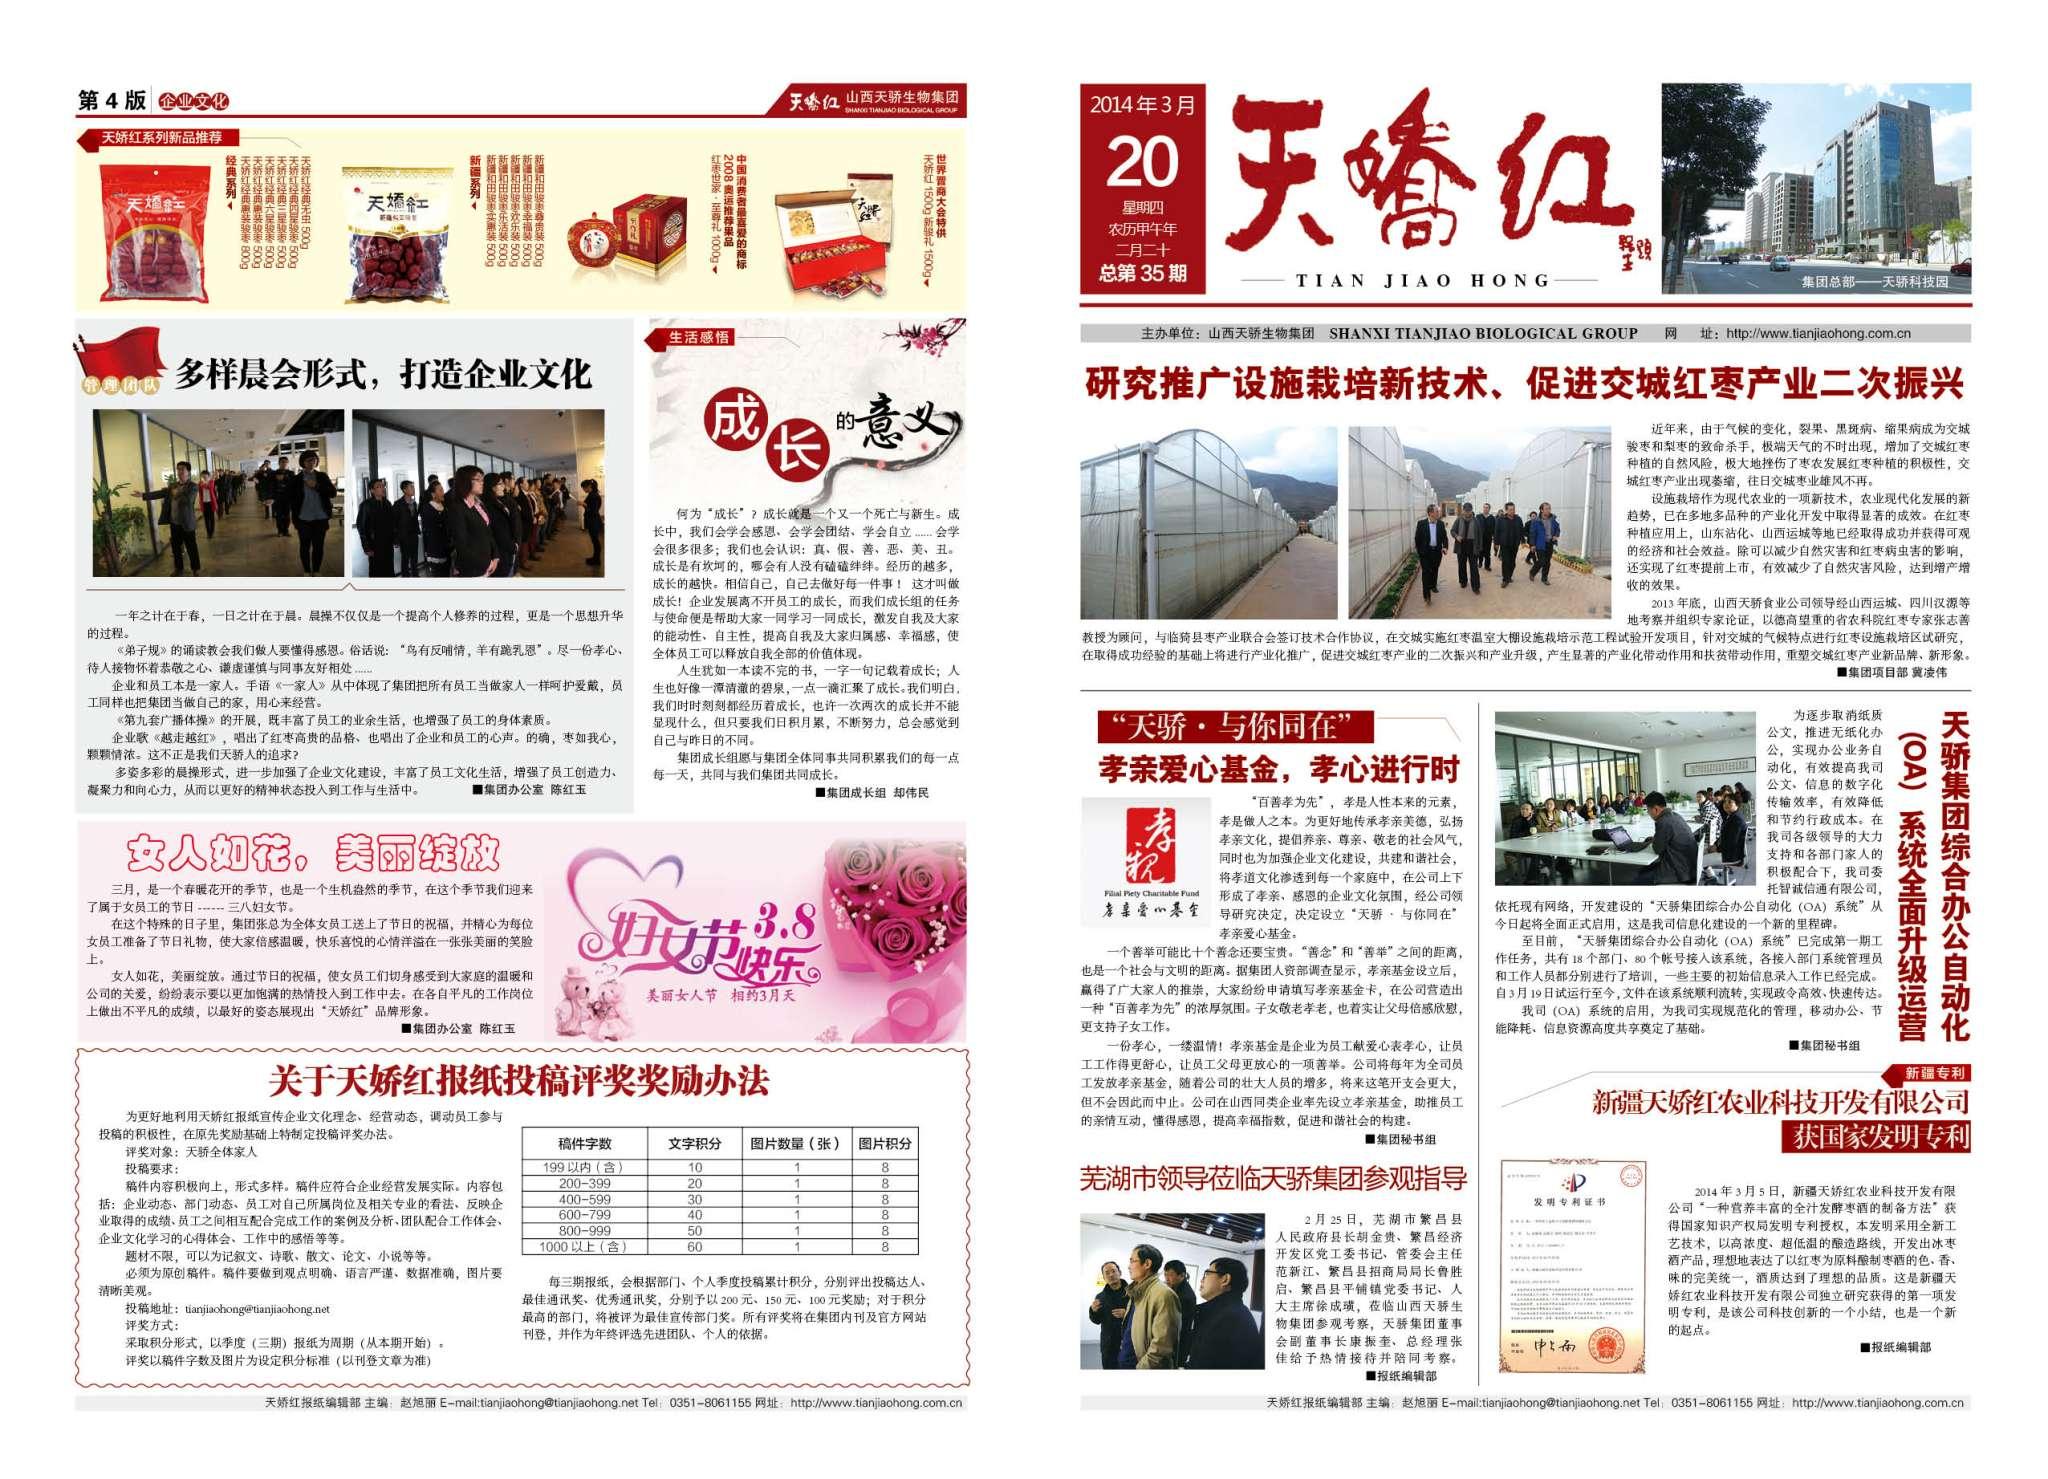 35期天娇红报纸电子版